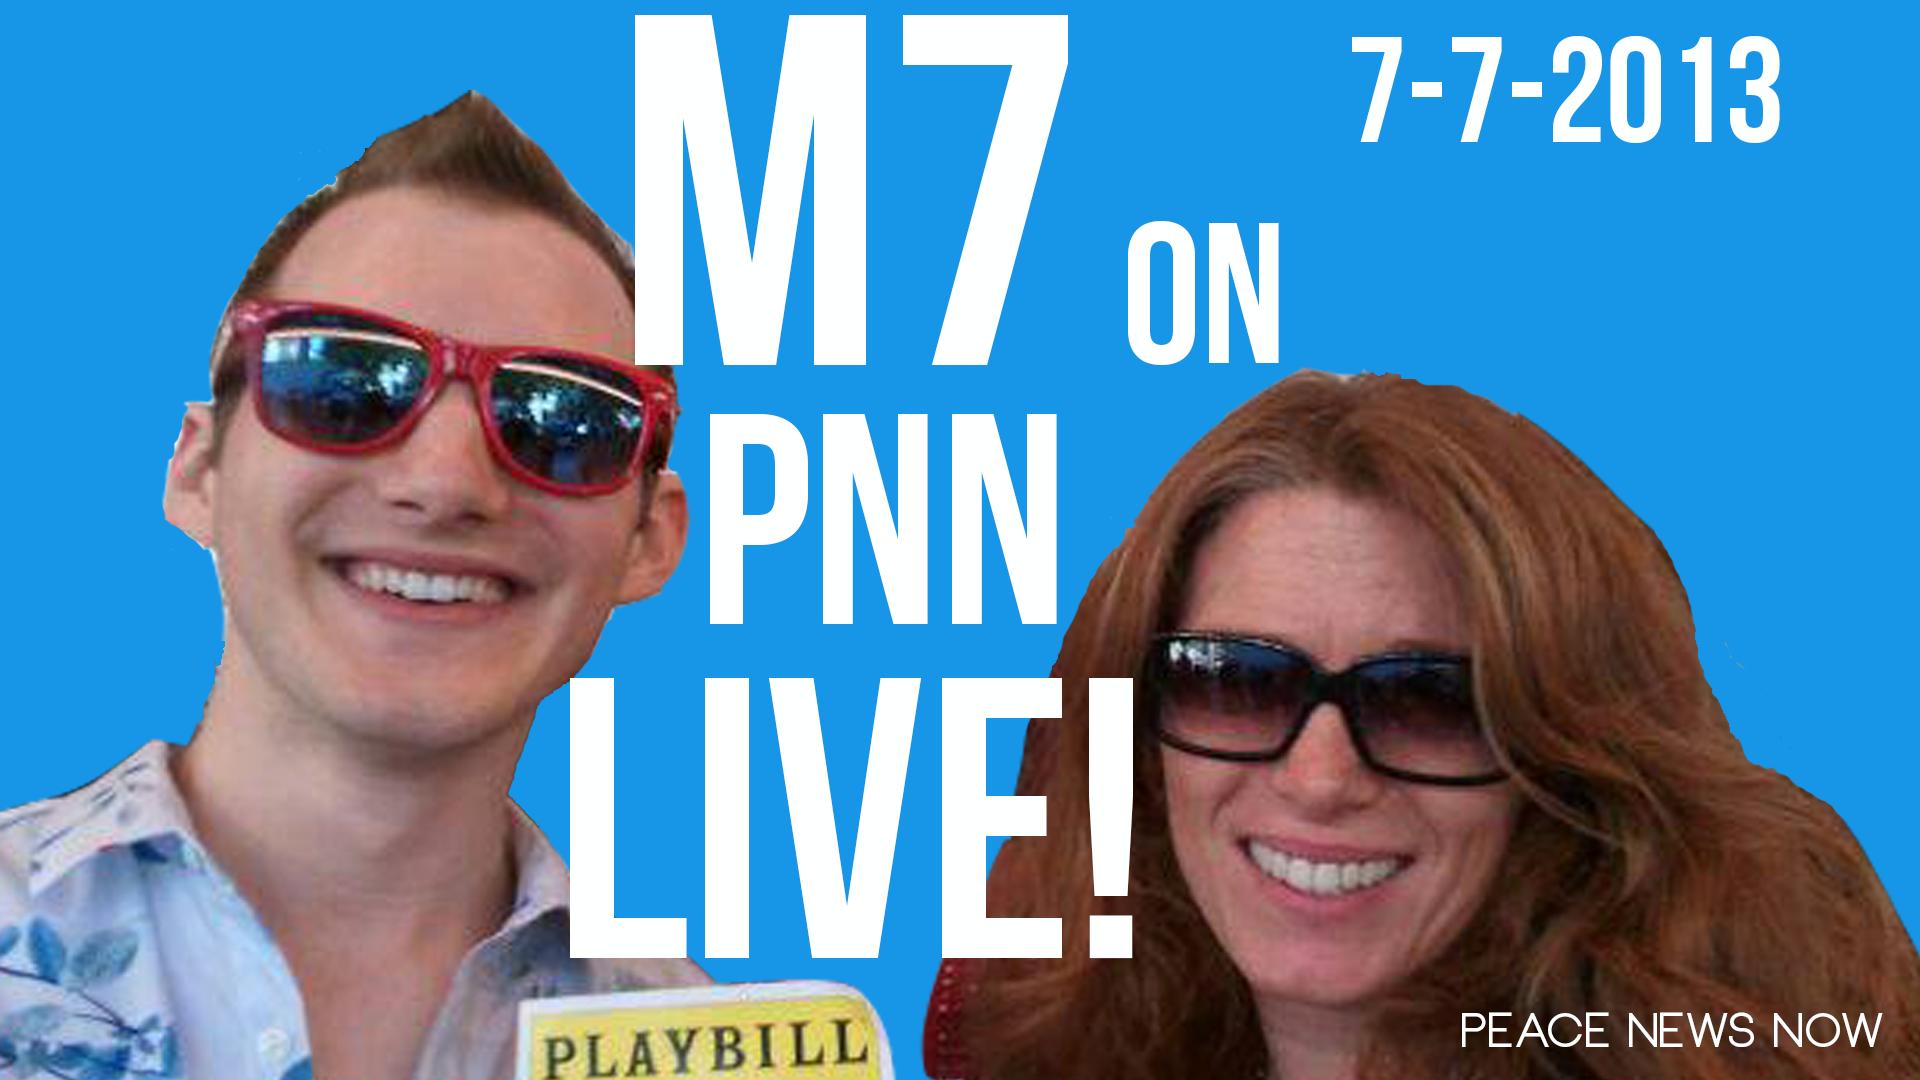 PNN Live 7-7-2013 w/ Michele Seven